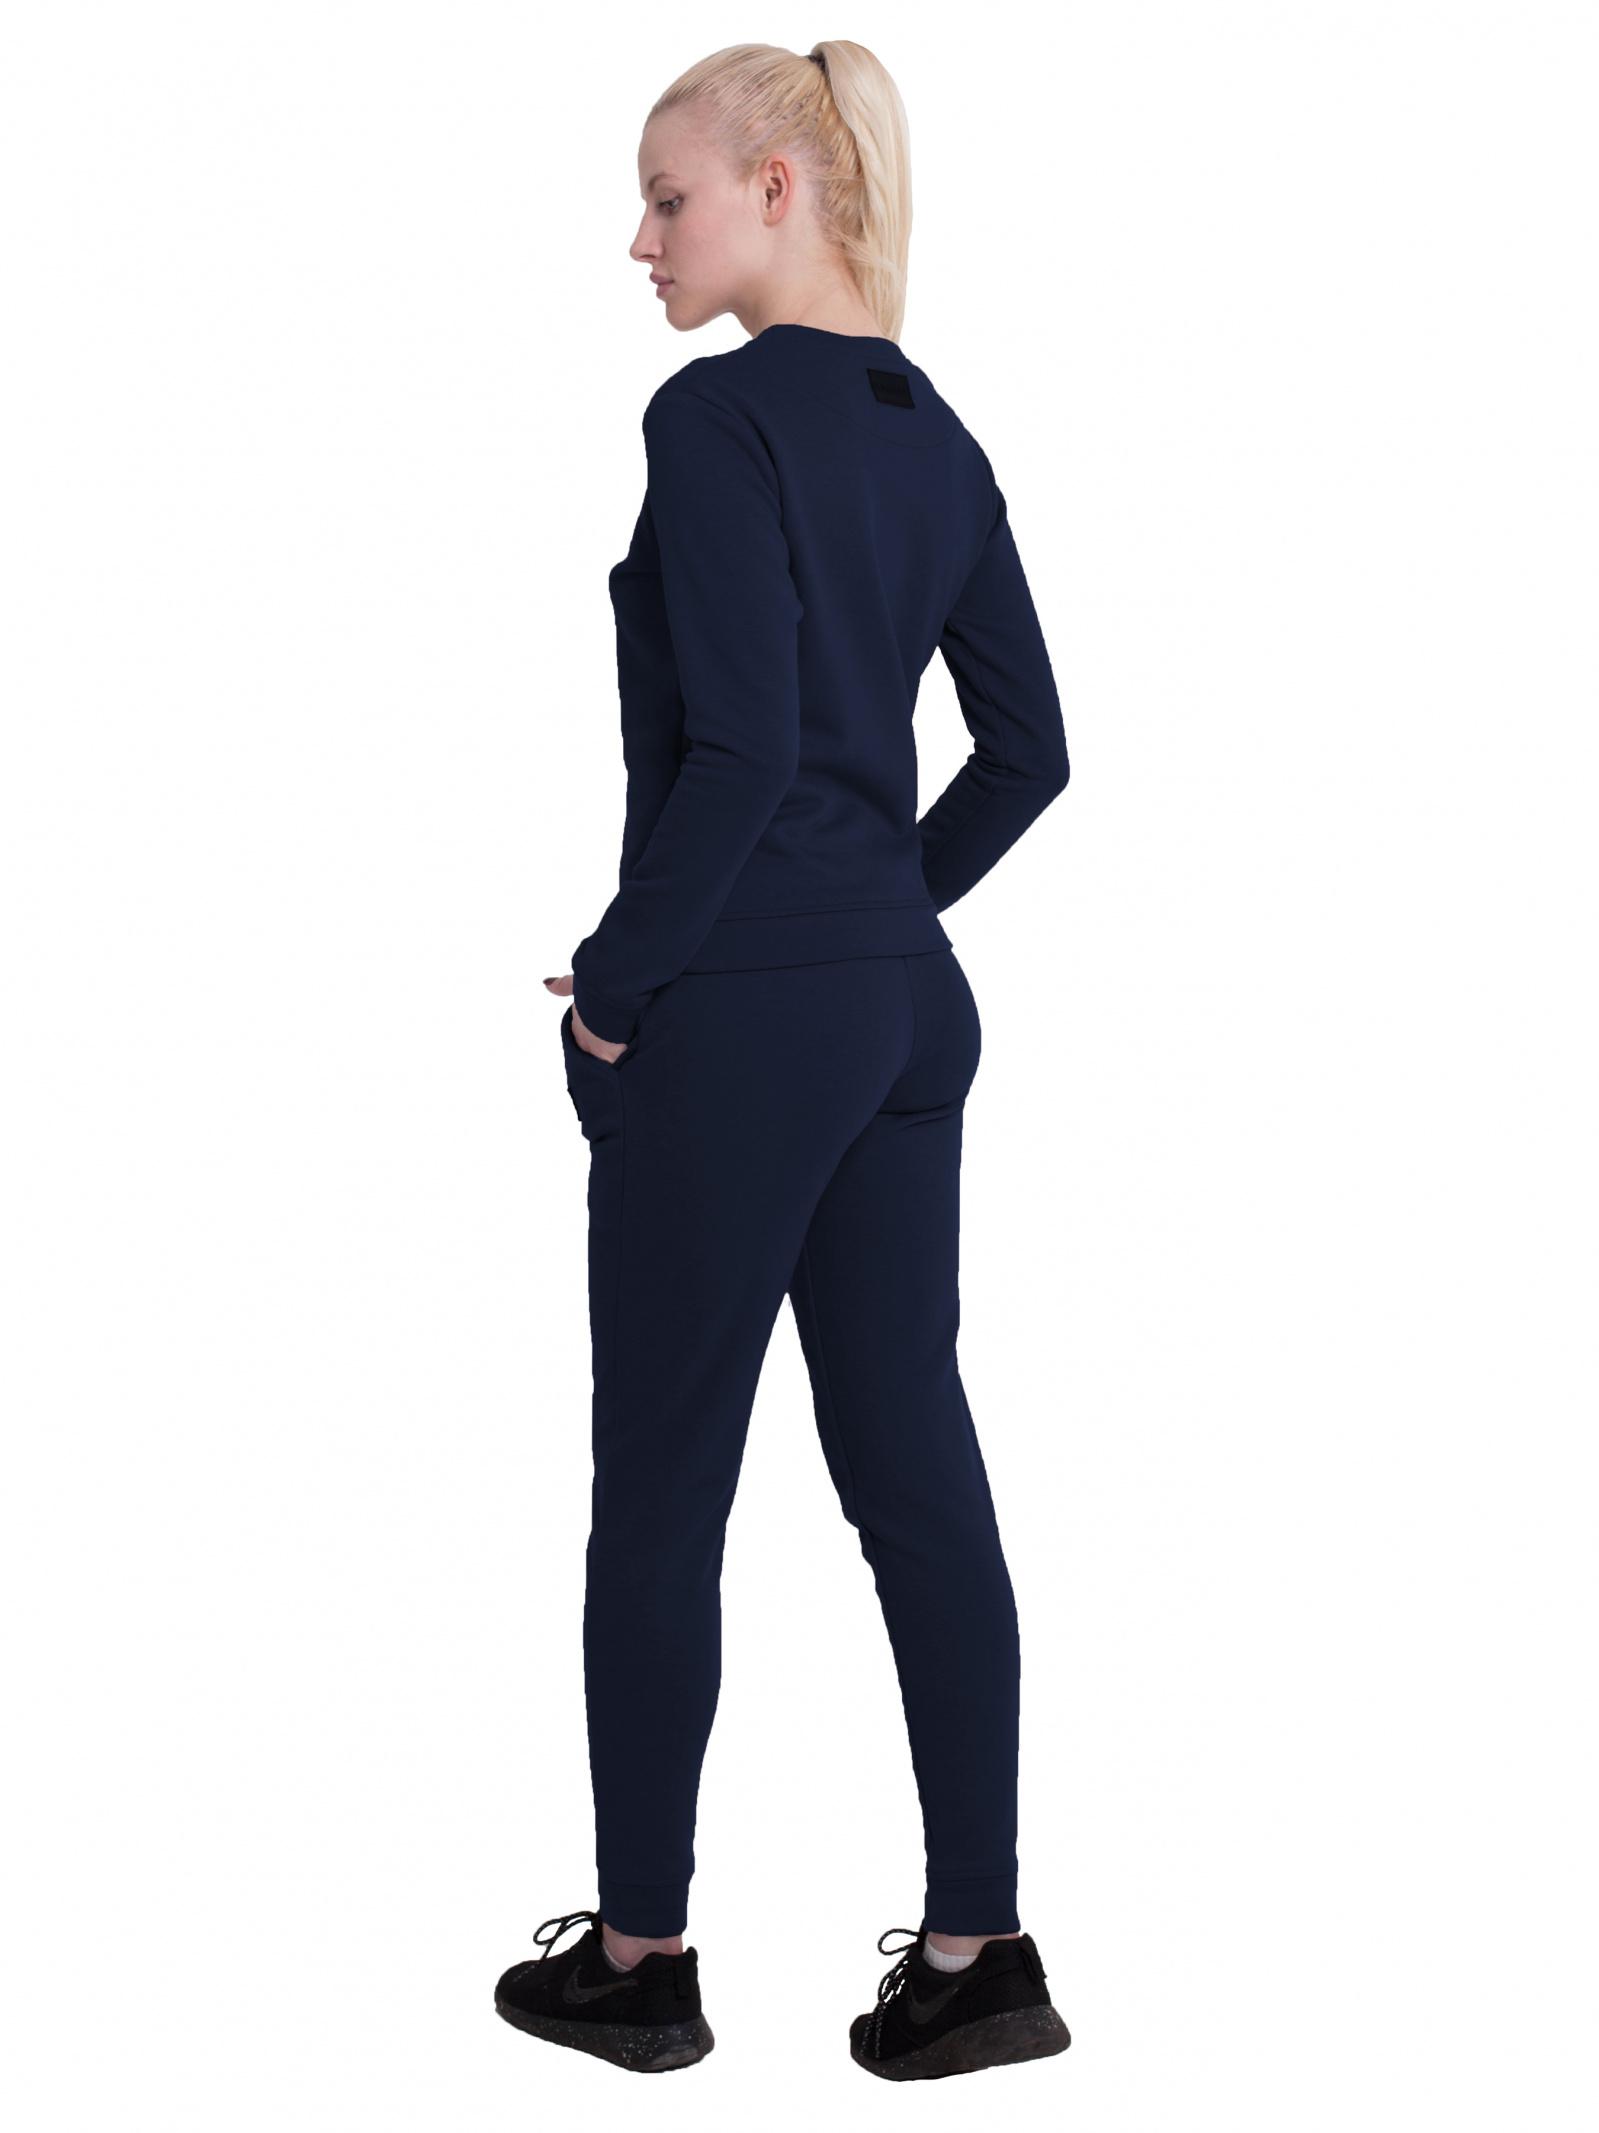 KARUA Костюм (спорт) жіночі модель S-00255 ціна, 2017